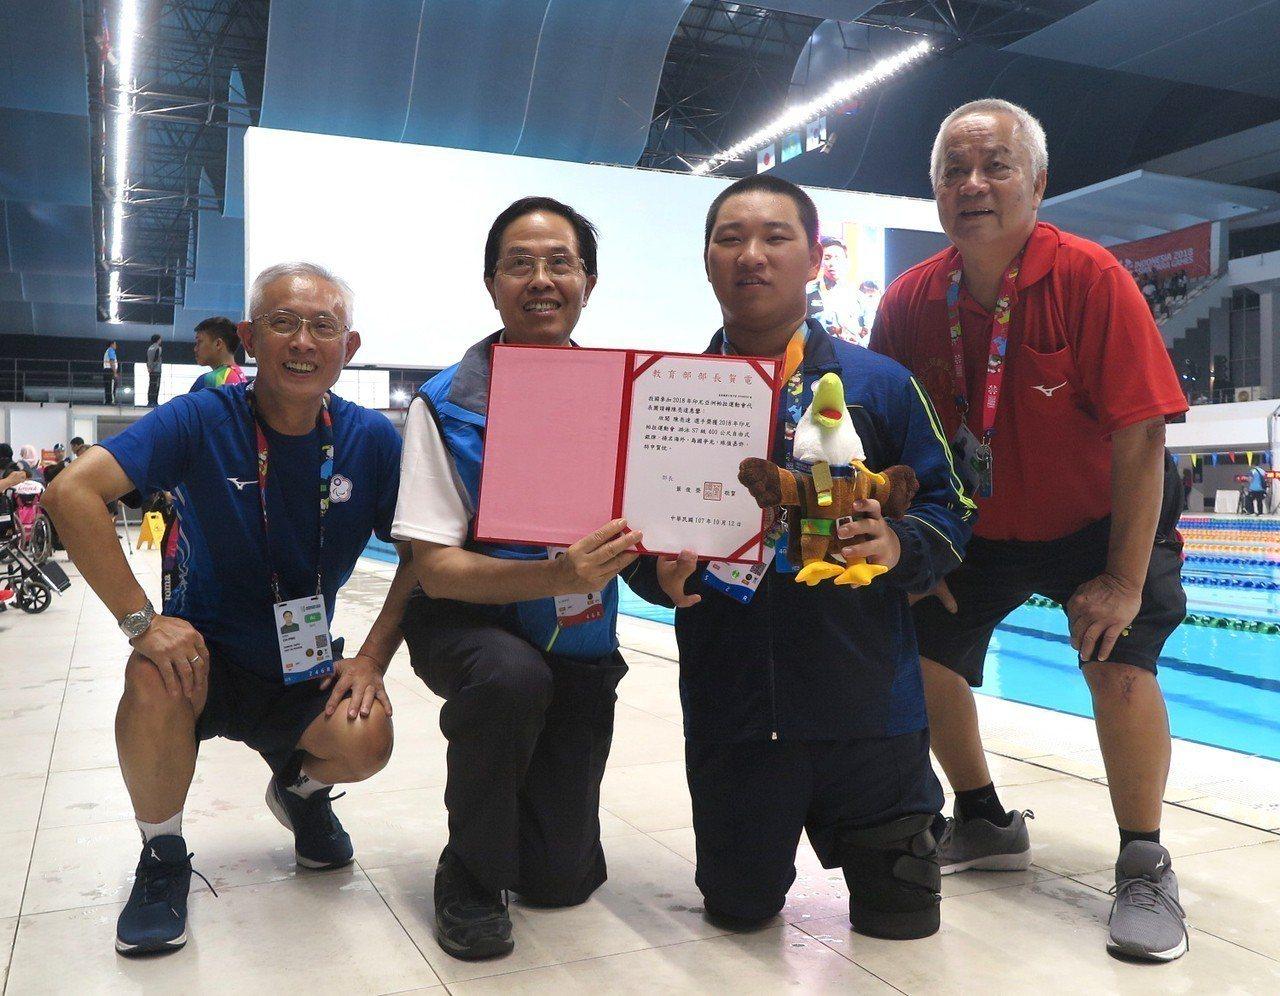 中華殘障總會顧問同時也是本屆亞帕運中華代表團總領隊沈啟賓(左)。 聯合報系資料照...